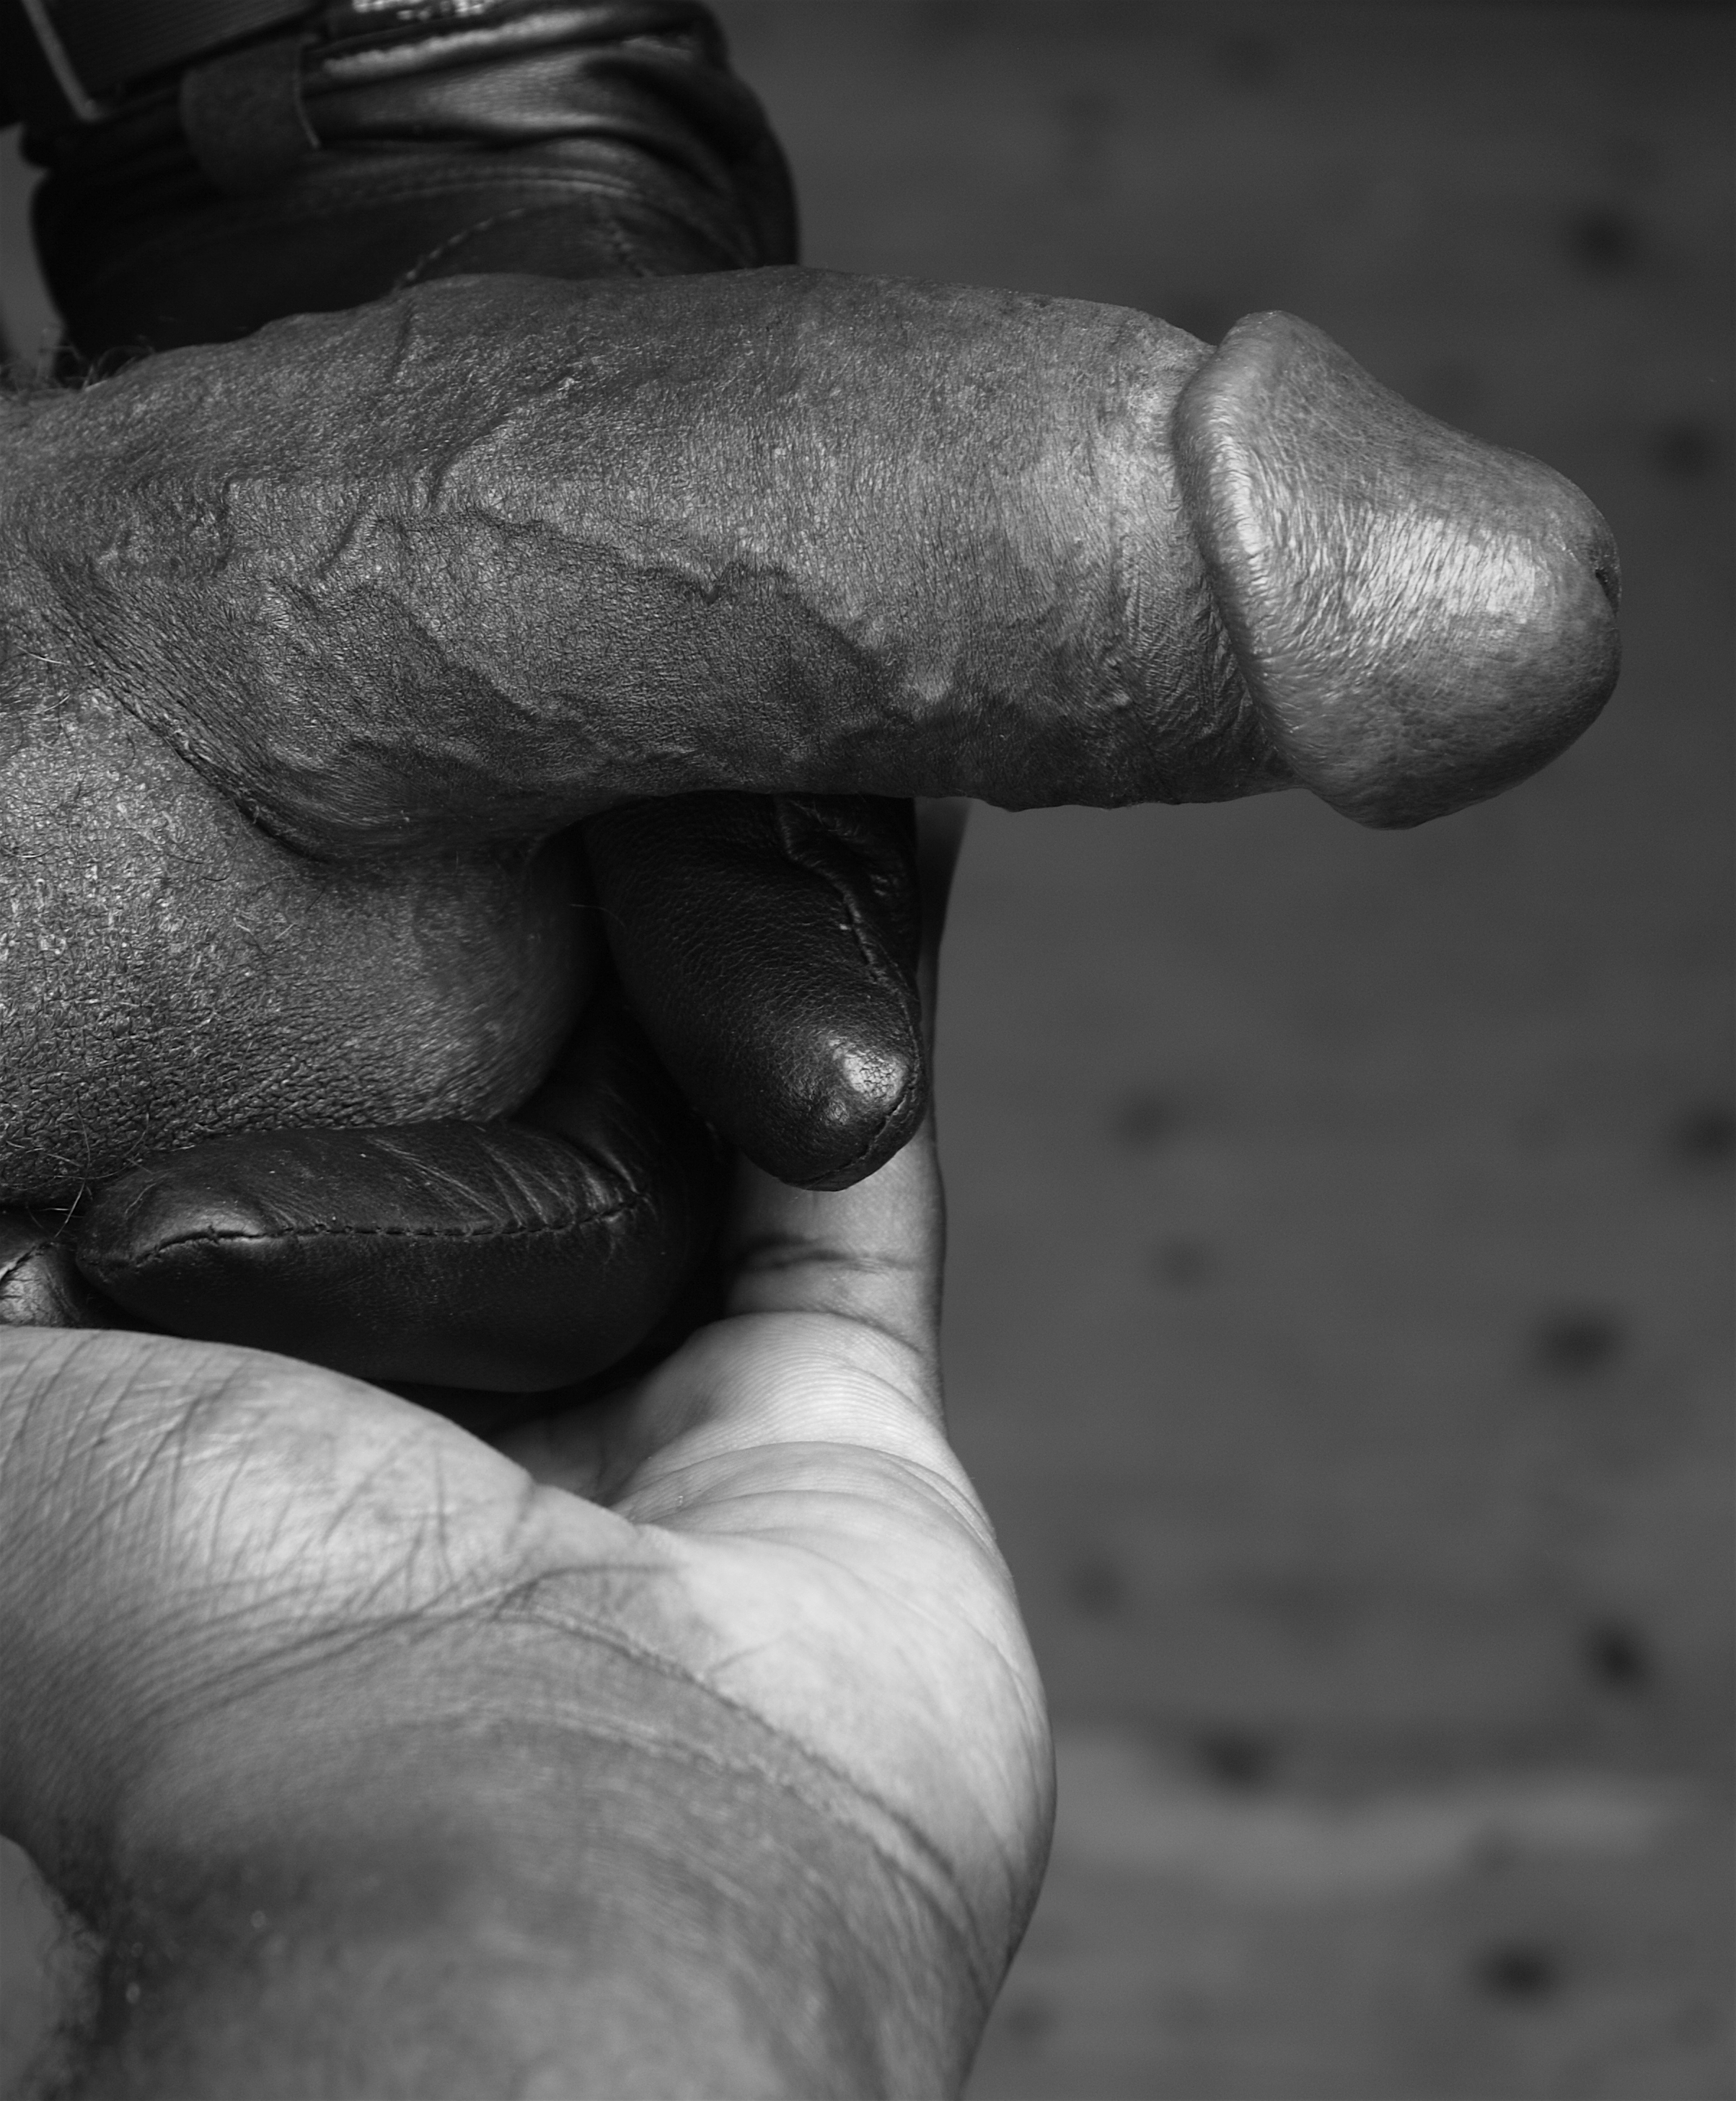 Ajamu's hand holding Dick - Ajamu _ Image 1 2015.JPG